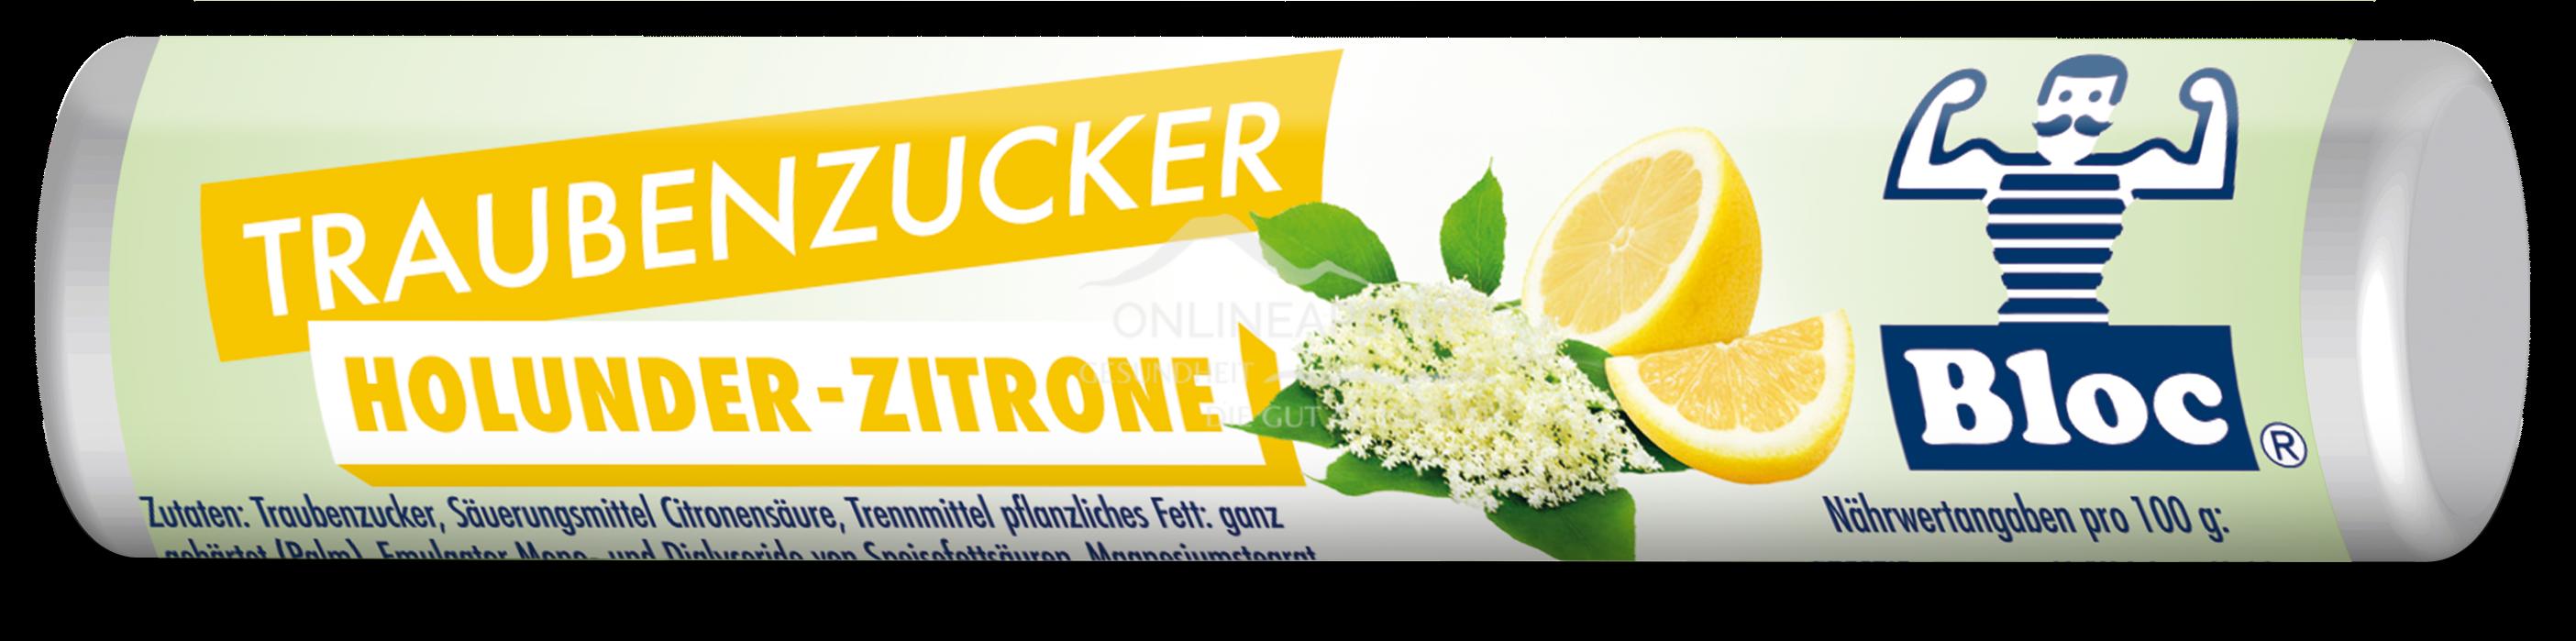 Bloc® Traubenzucker Rolle Holunder-Zitrone